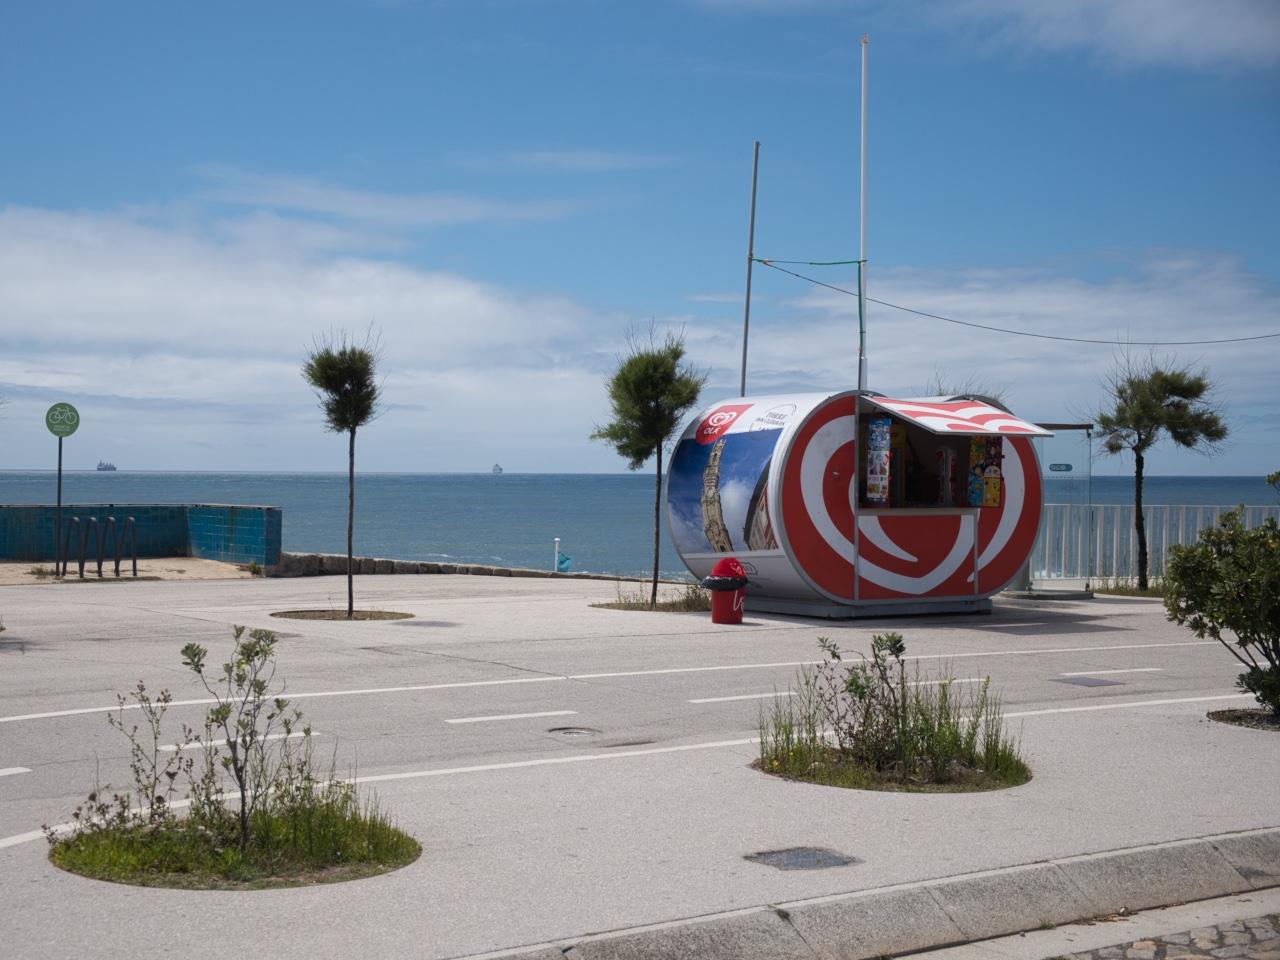 Eiswagen in Portugal vorher